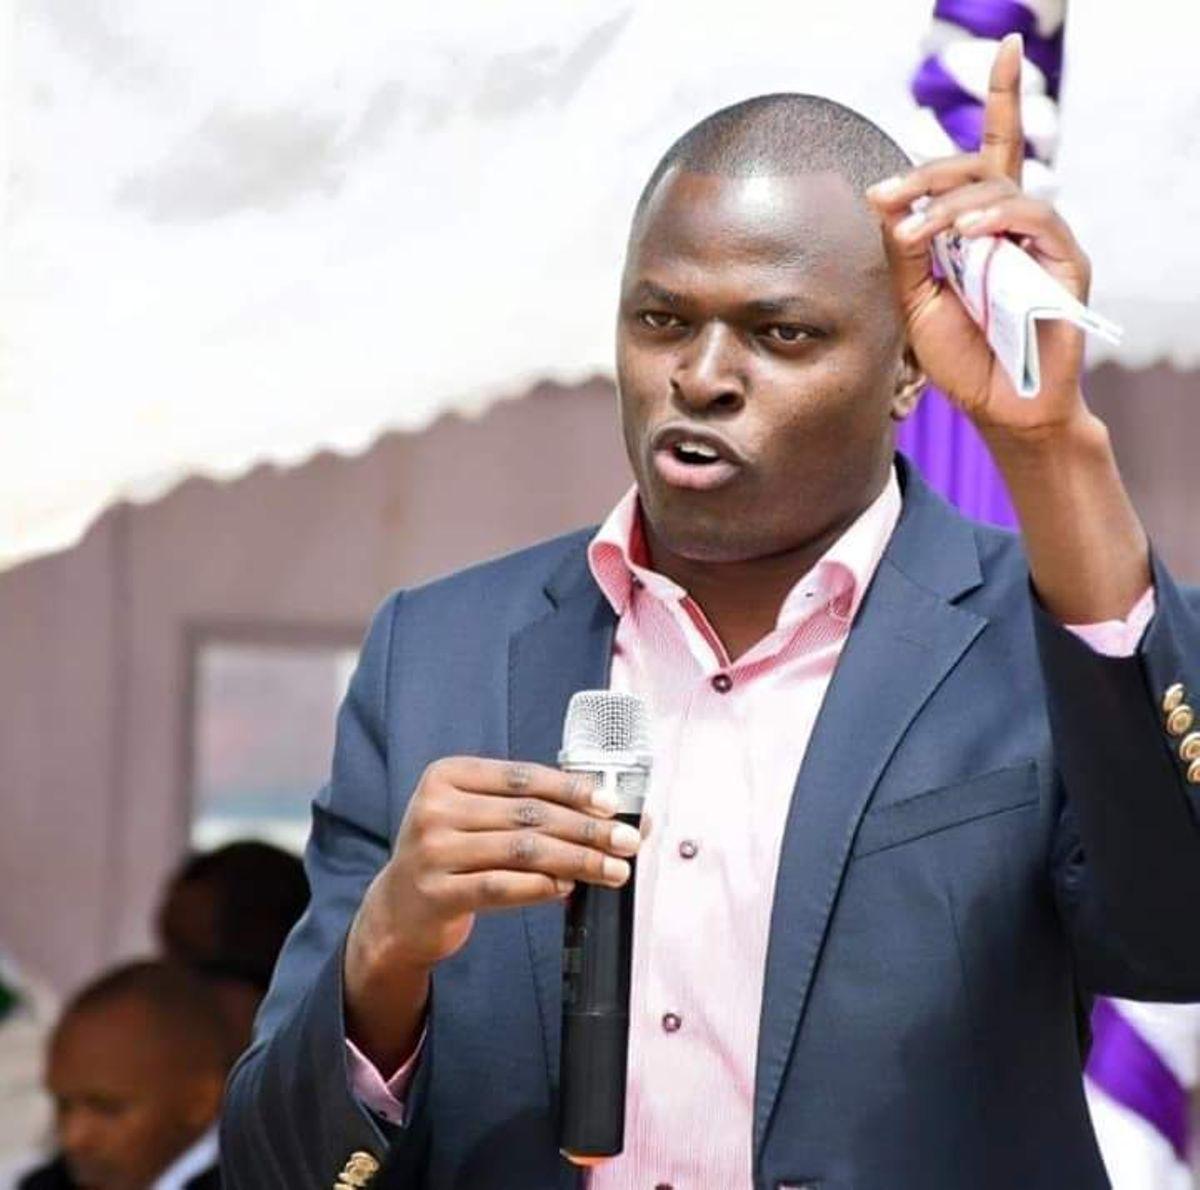 Ndindi Nyoro speaking